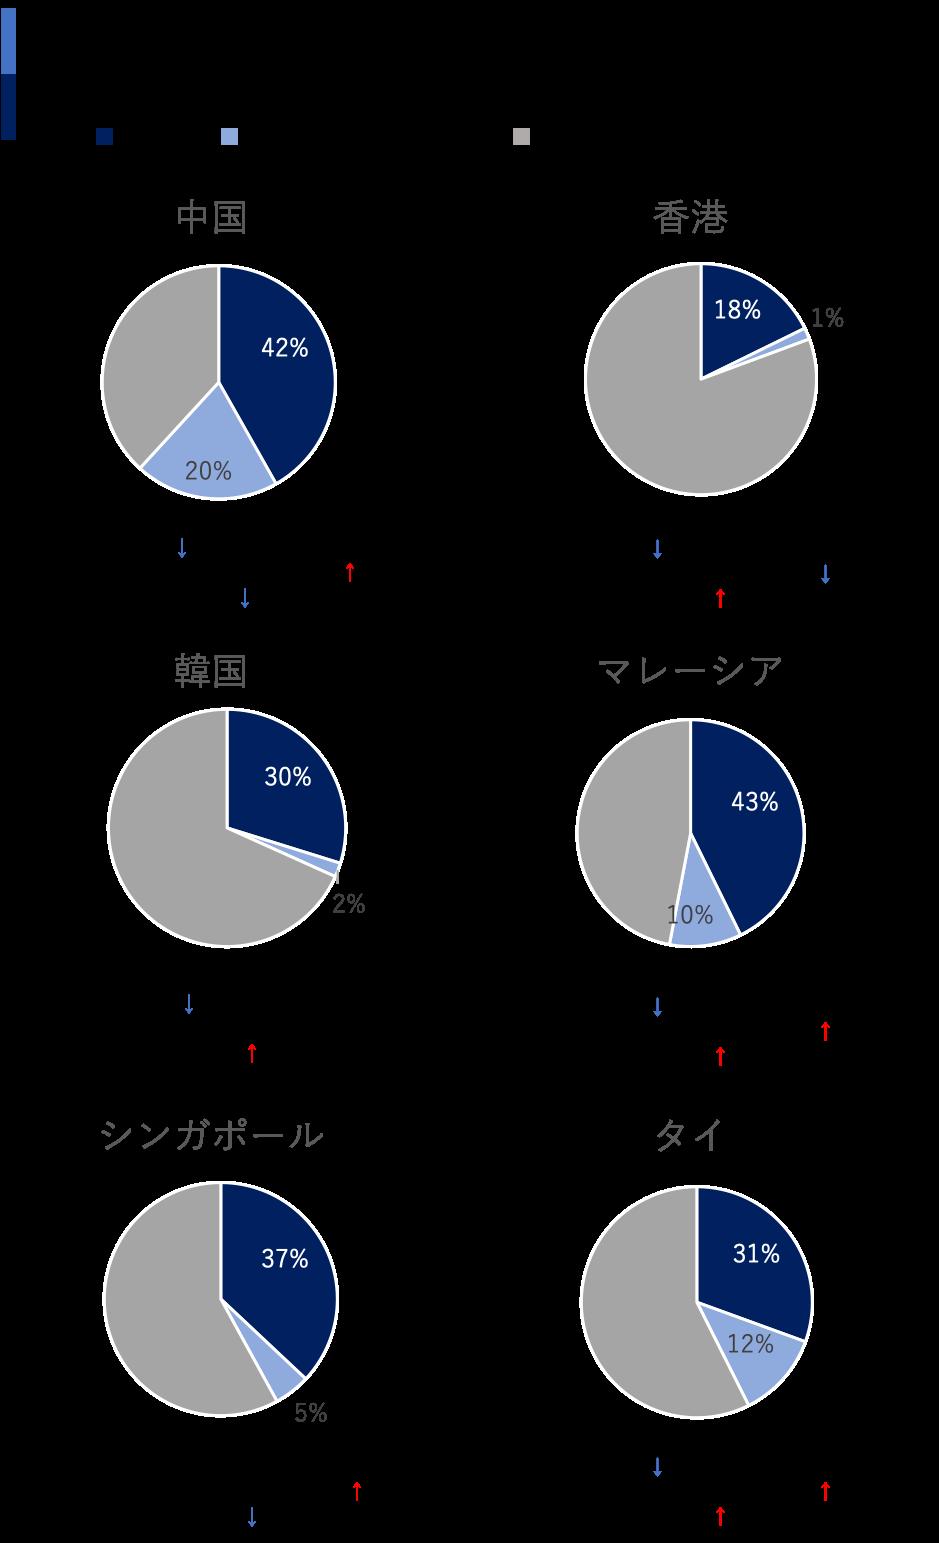 図2-1-1